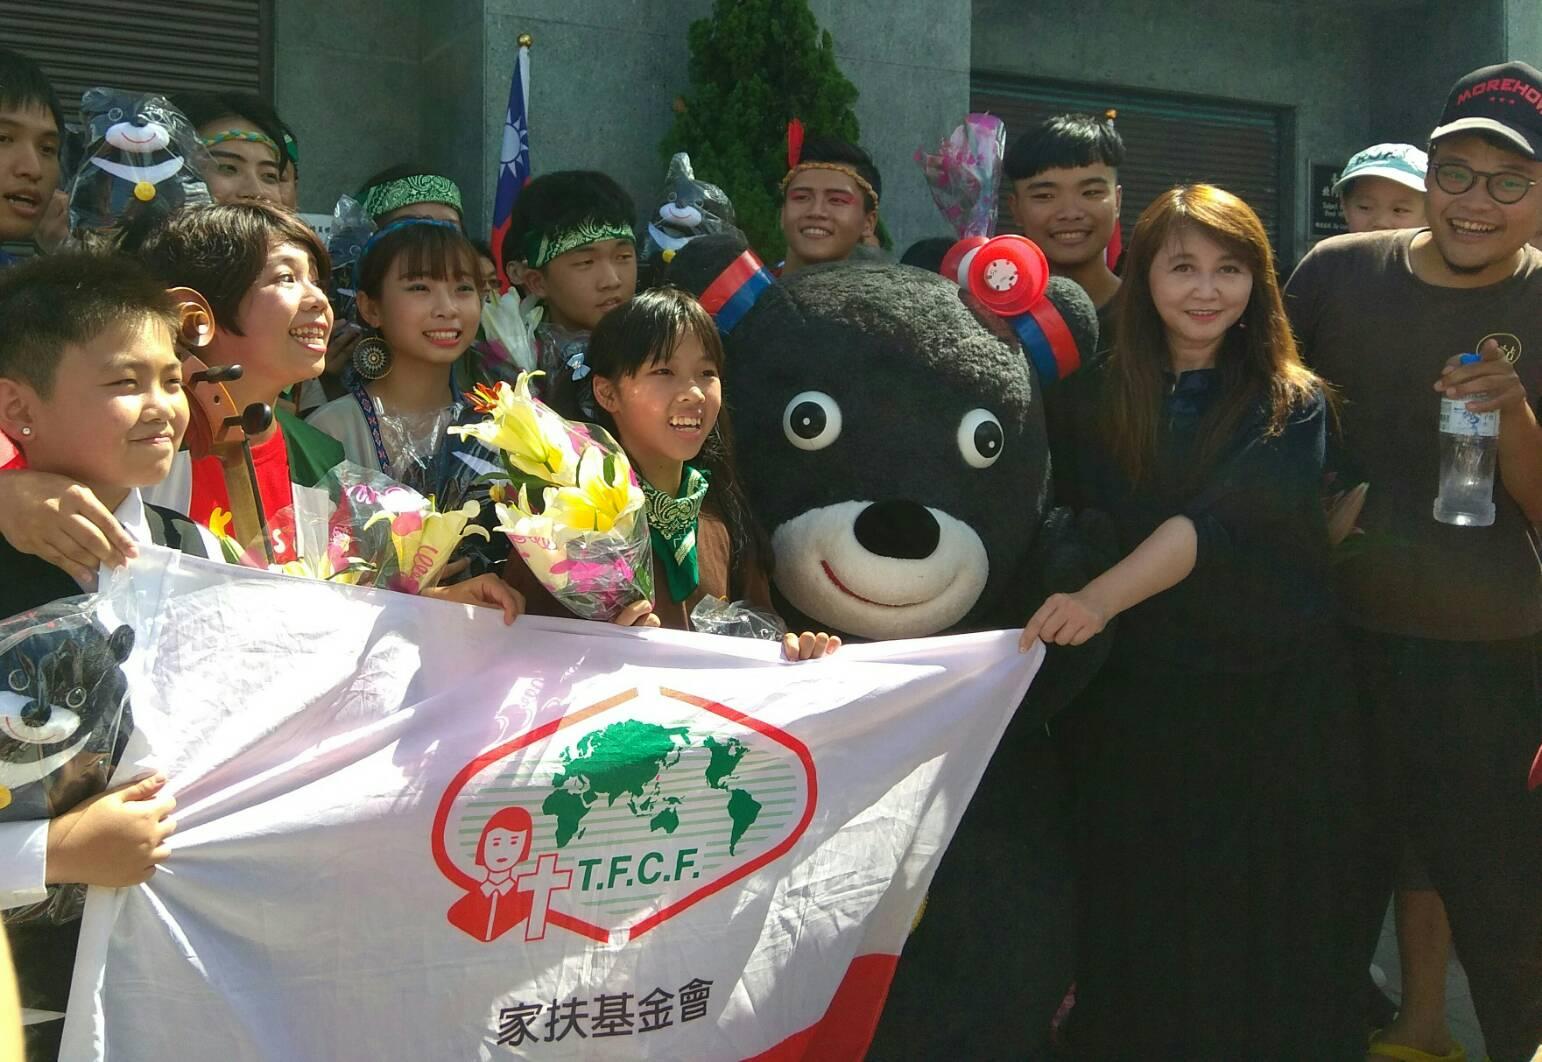 臺北市政府觀光傳播局局長簡余晏贈花及熊讚娃娃給南臺北家扶中心的小朋友們,感謝參與花車遊行